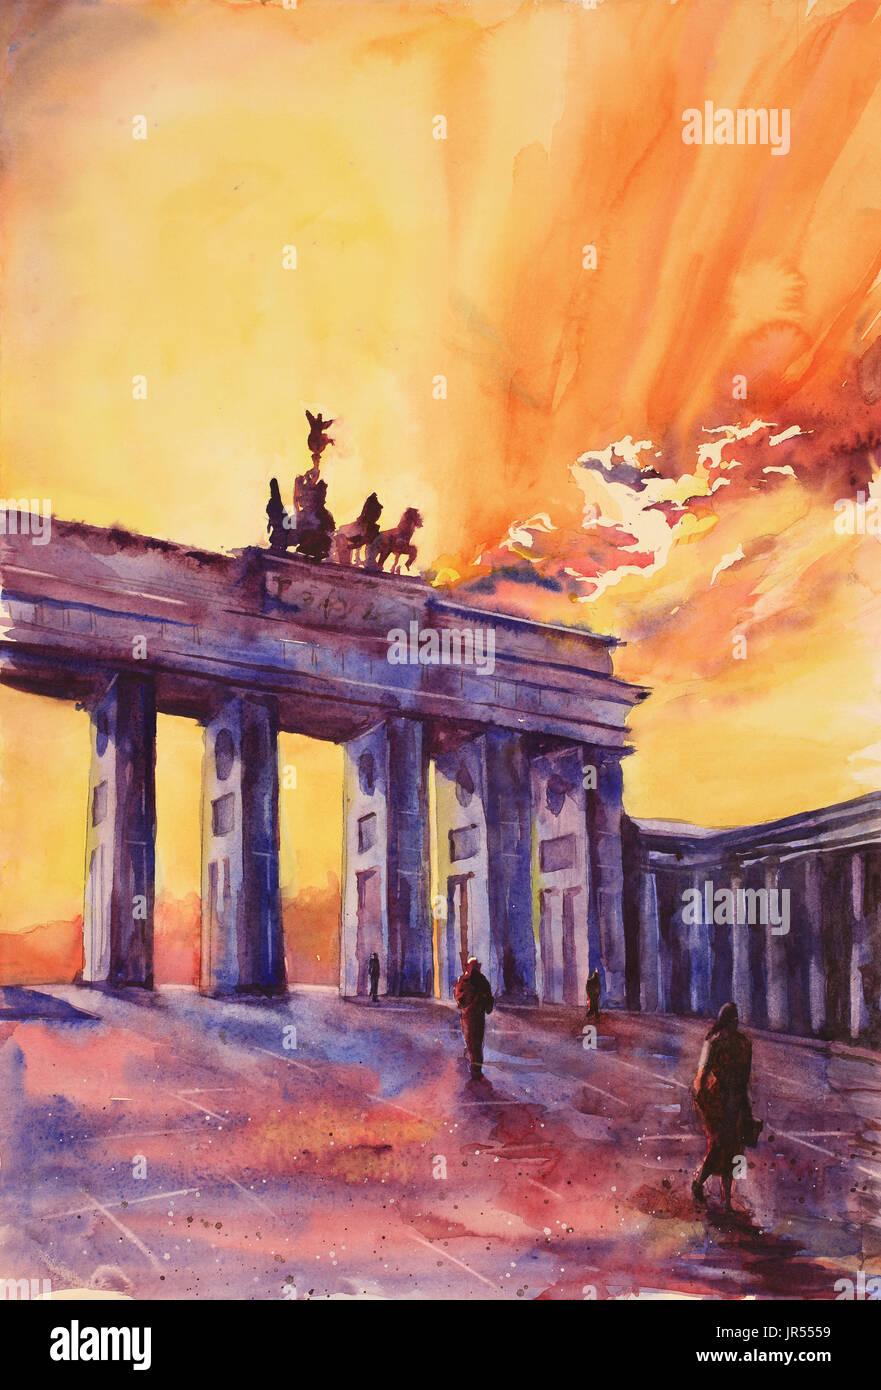 Peinture de silhouette de Porte de Brandebourg au coucher du soleil dans la ville de Berlin- Allemagne, Europe Photo Stock